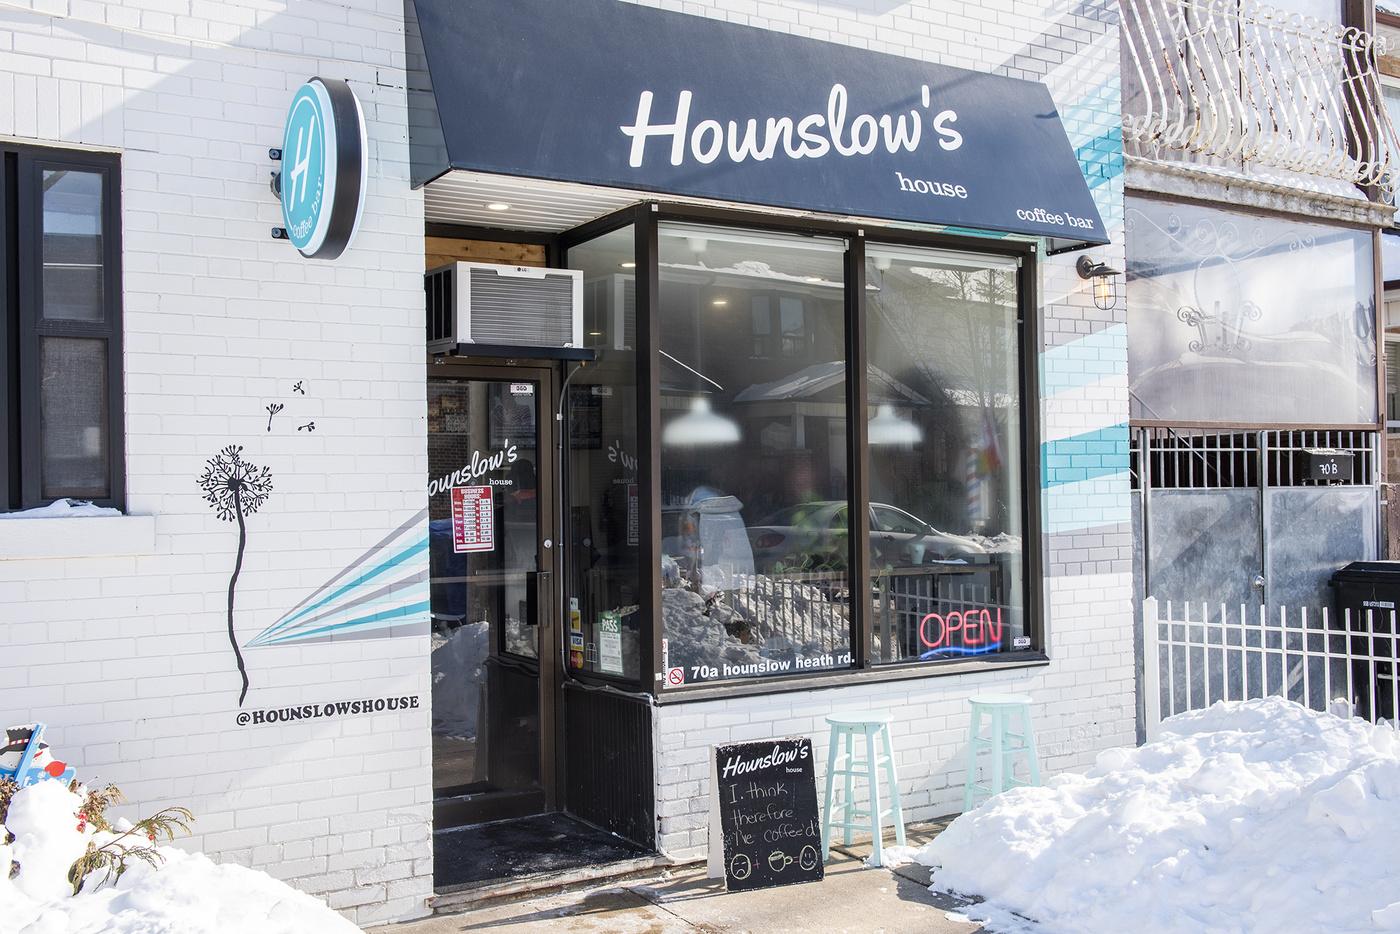 Hounslows House Toronto